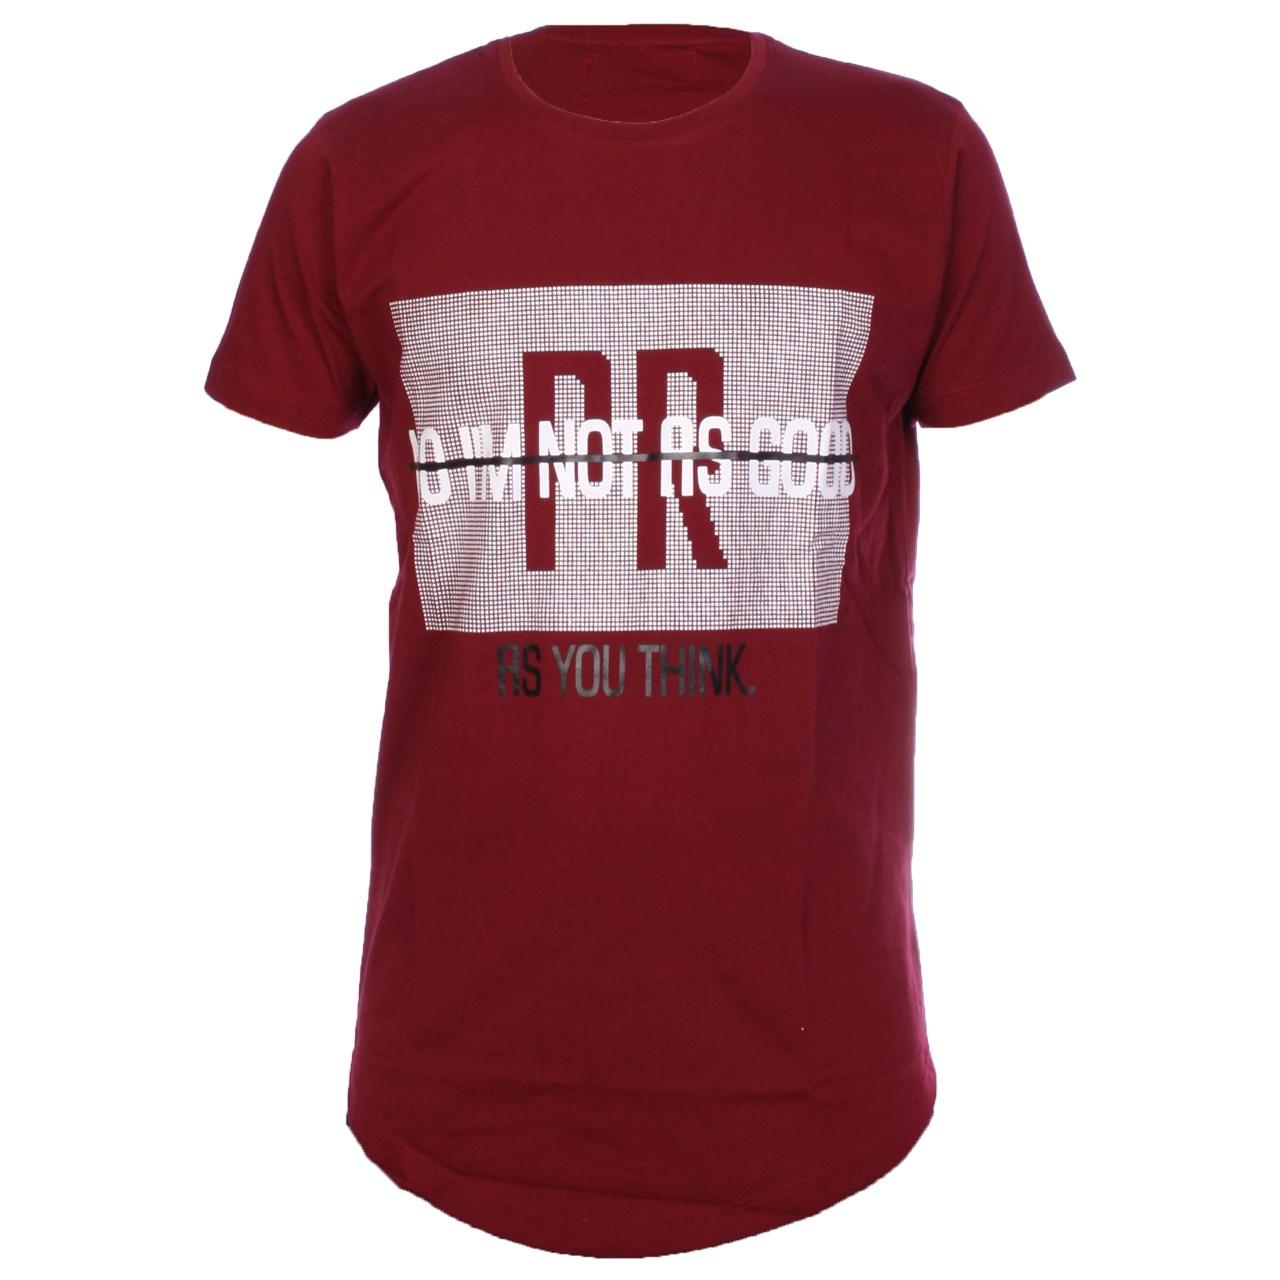 تی شرت مردانه NORTHS REPUBLIC کدT64